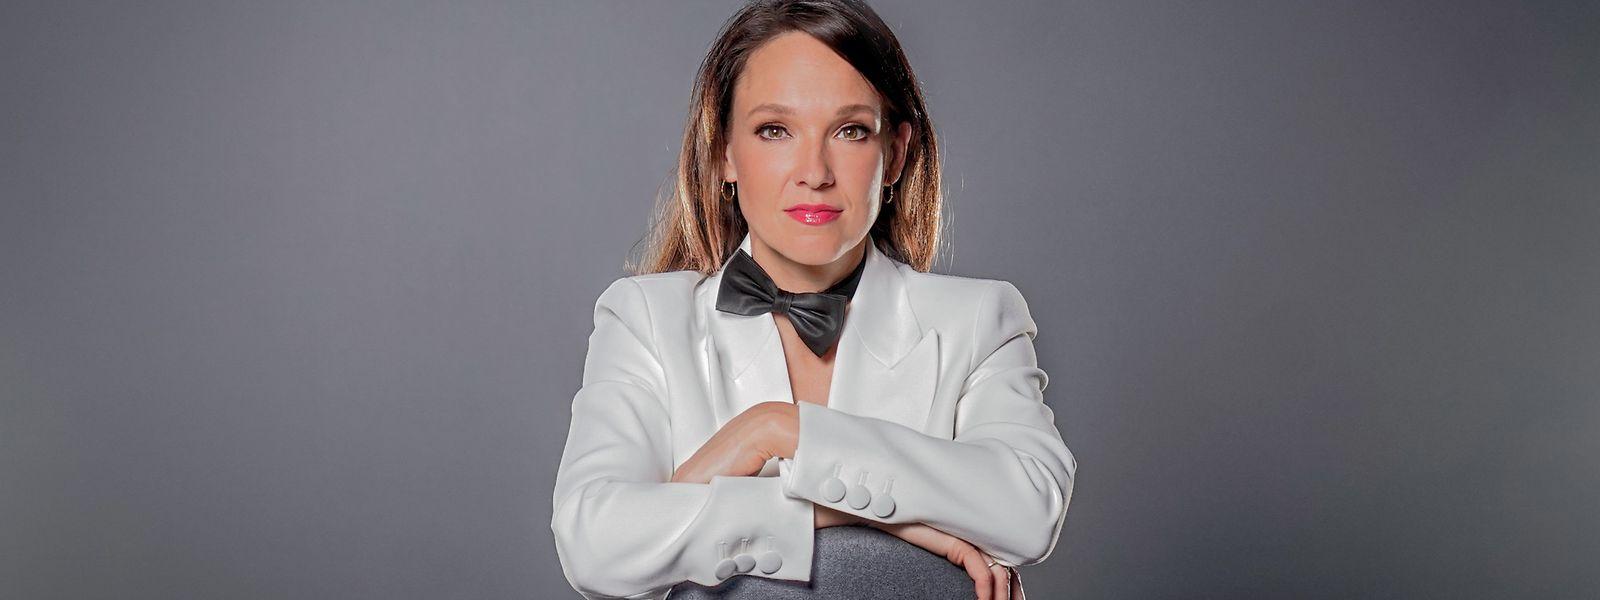 Trotz Corona kehrt Carolin Kebekus mit einer neuen WDR-Personality-Show, produziert von der bildundtonfabrik, auf den Bildschirm zurück.